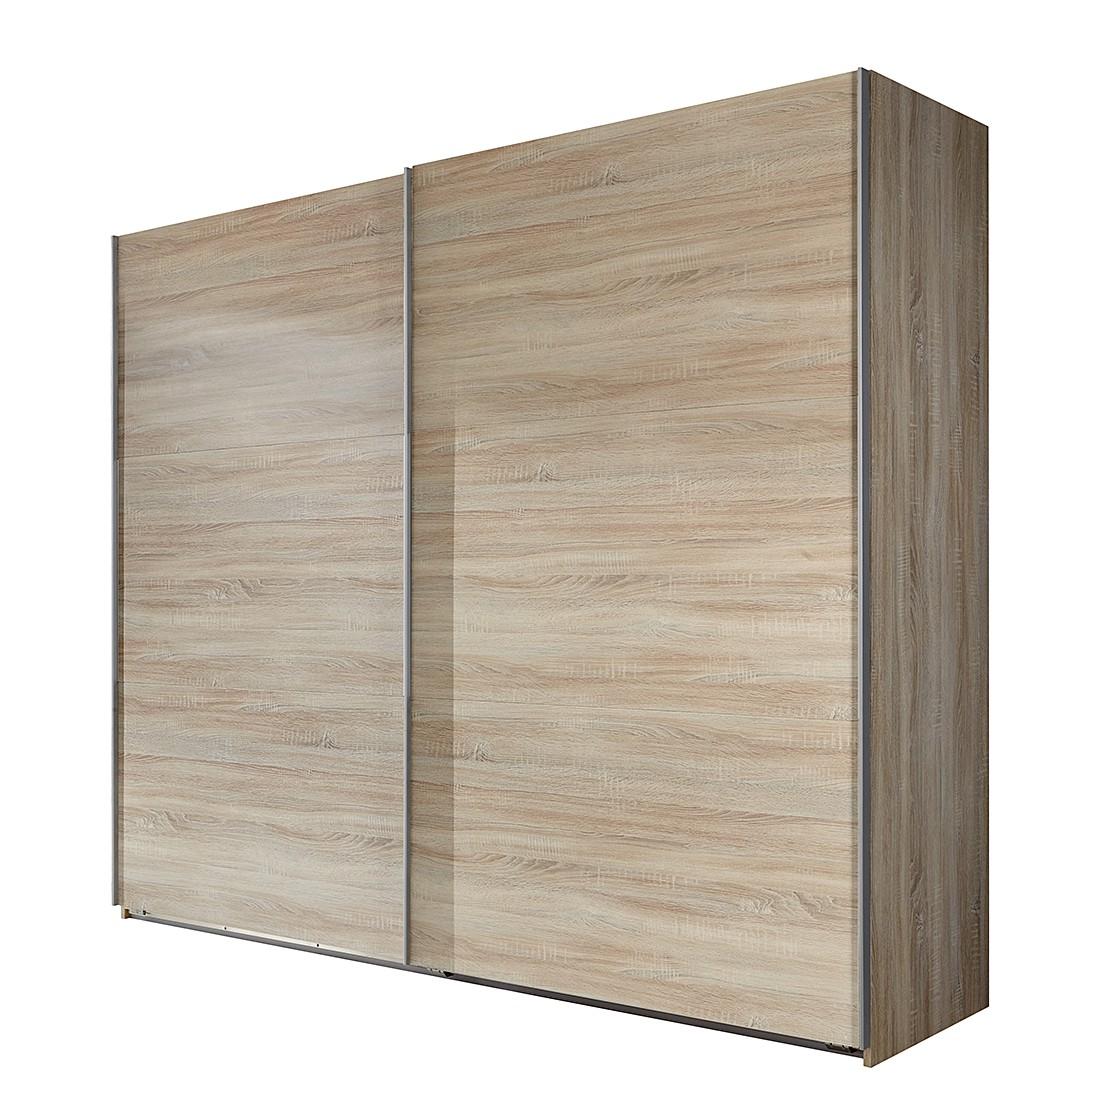 Armoire à portes coulissantes Medley - Imitation chêne brut de sciage - Largeur x hauteur : 270 x 21